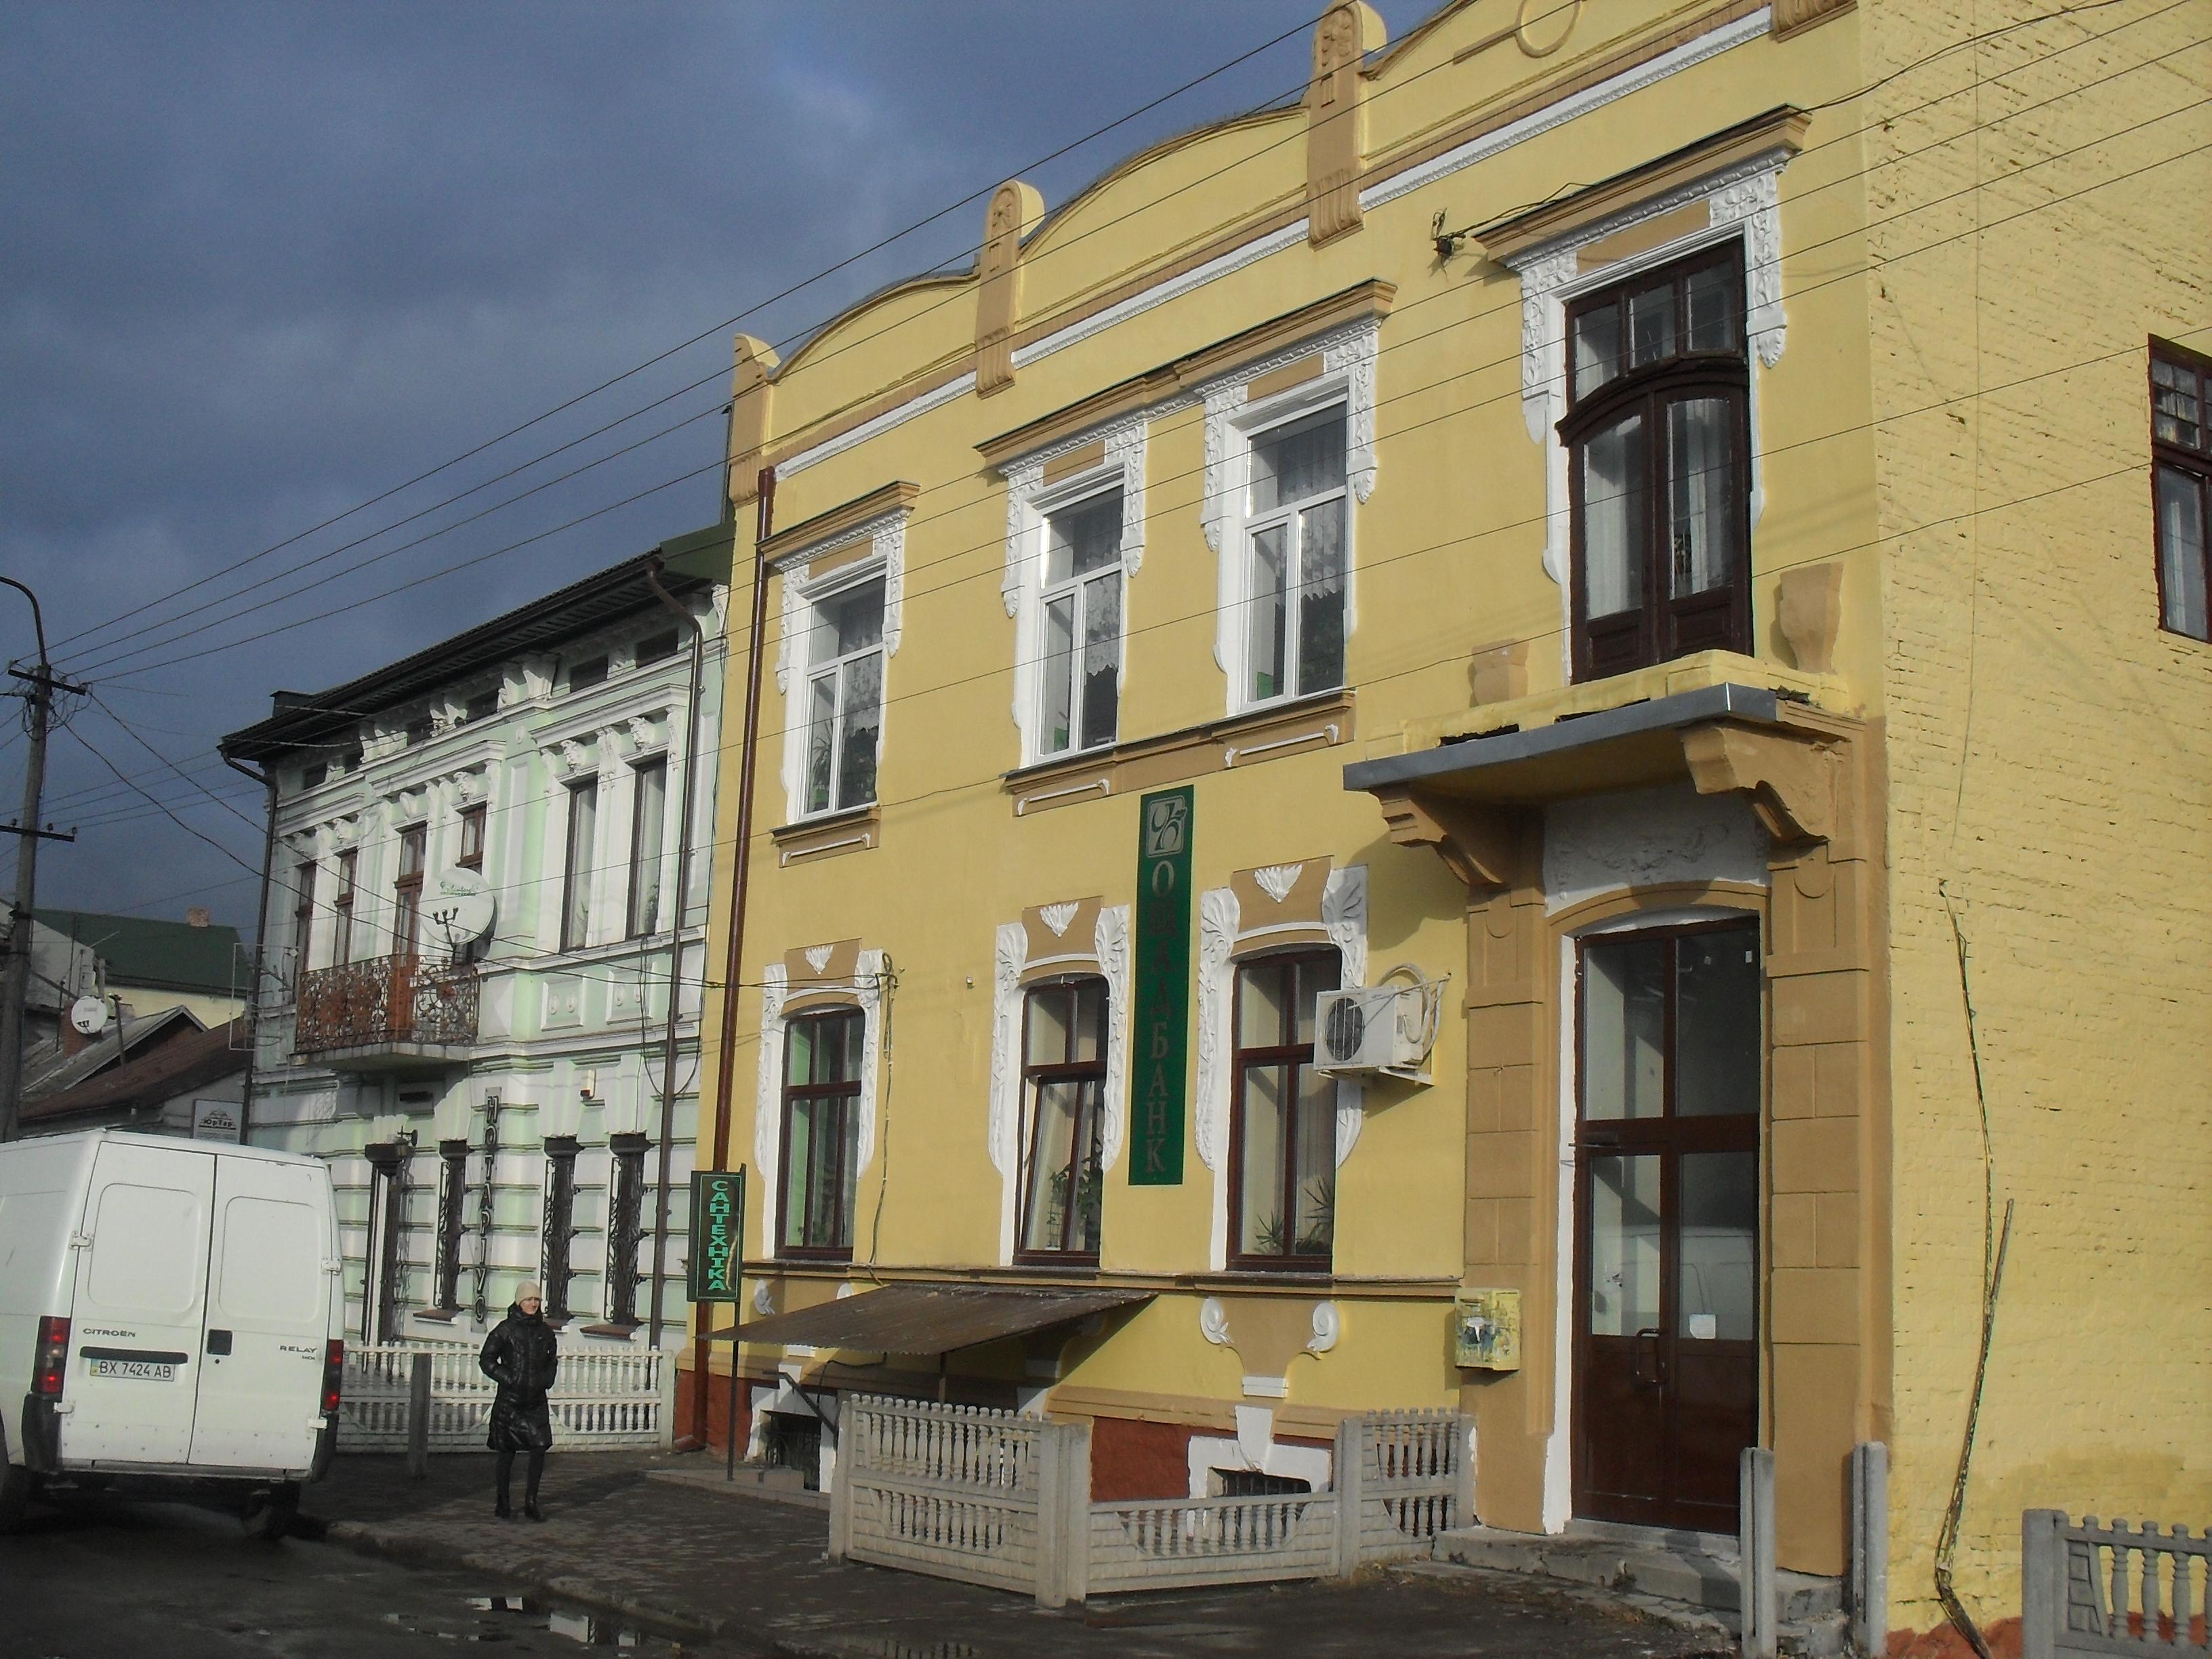 Rava-Rouska